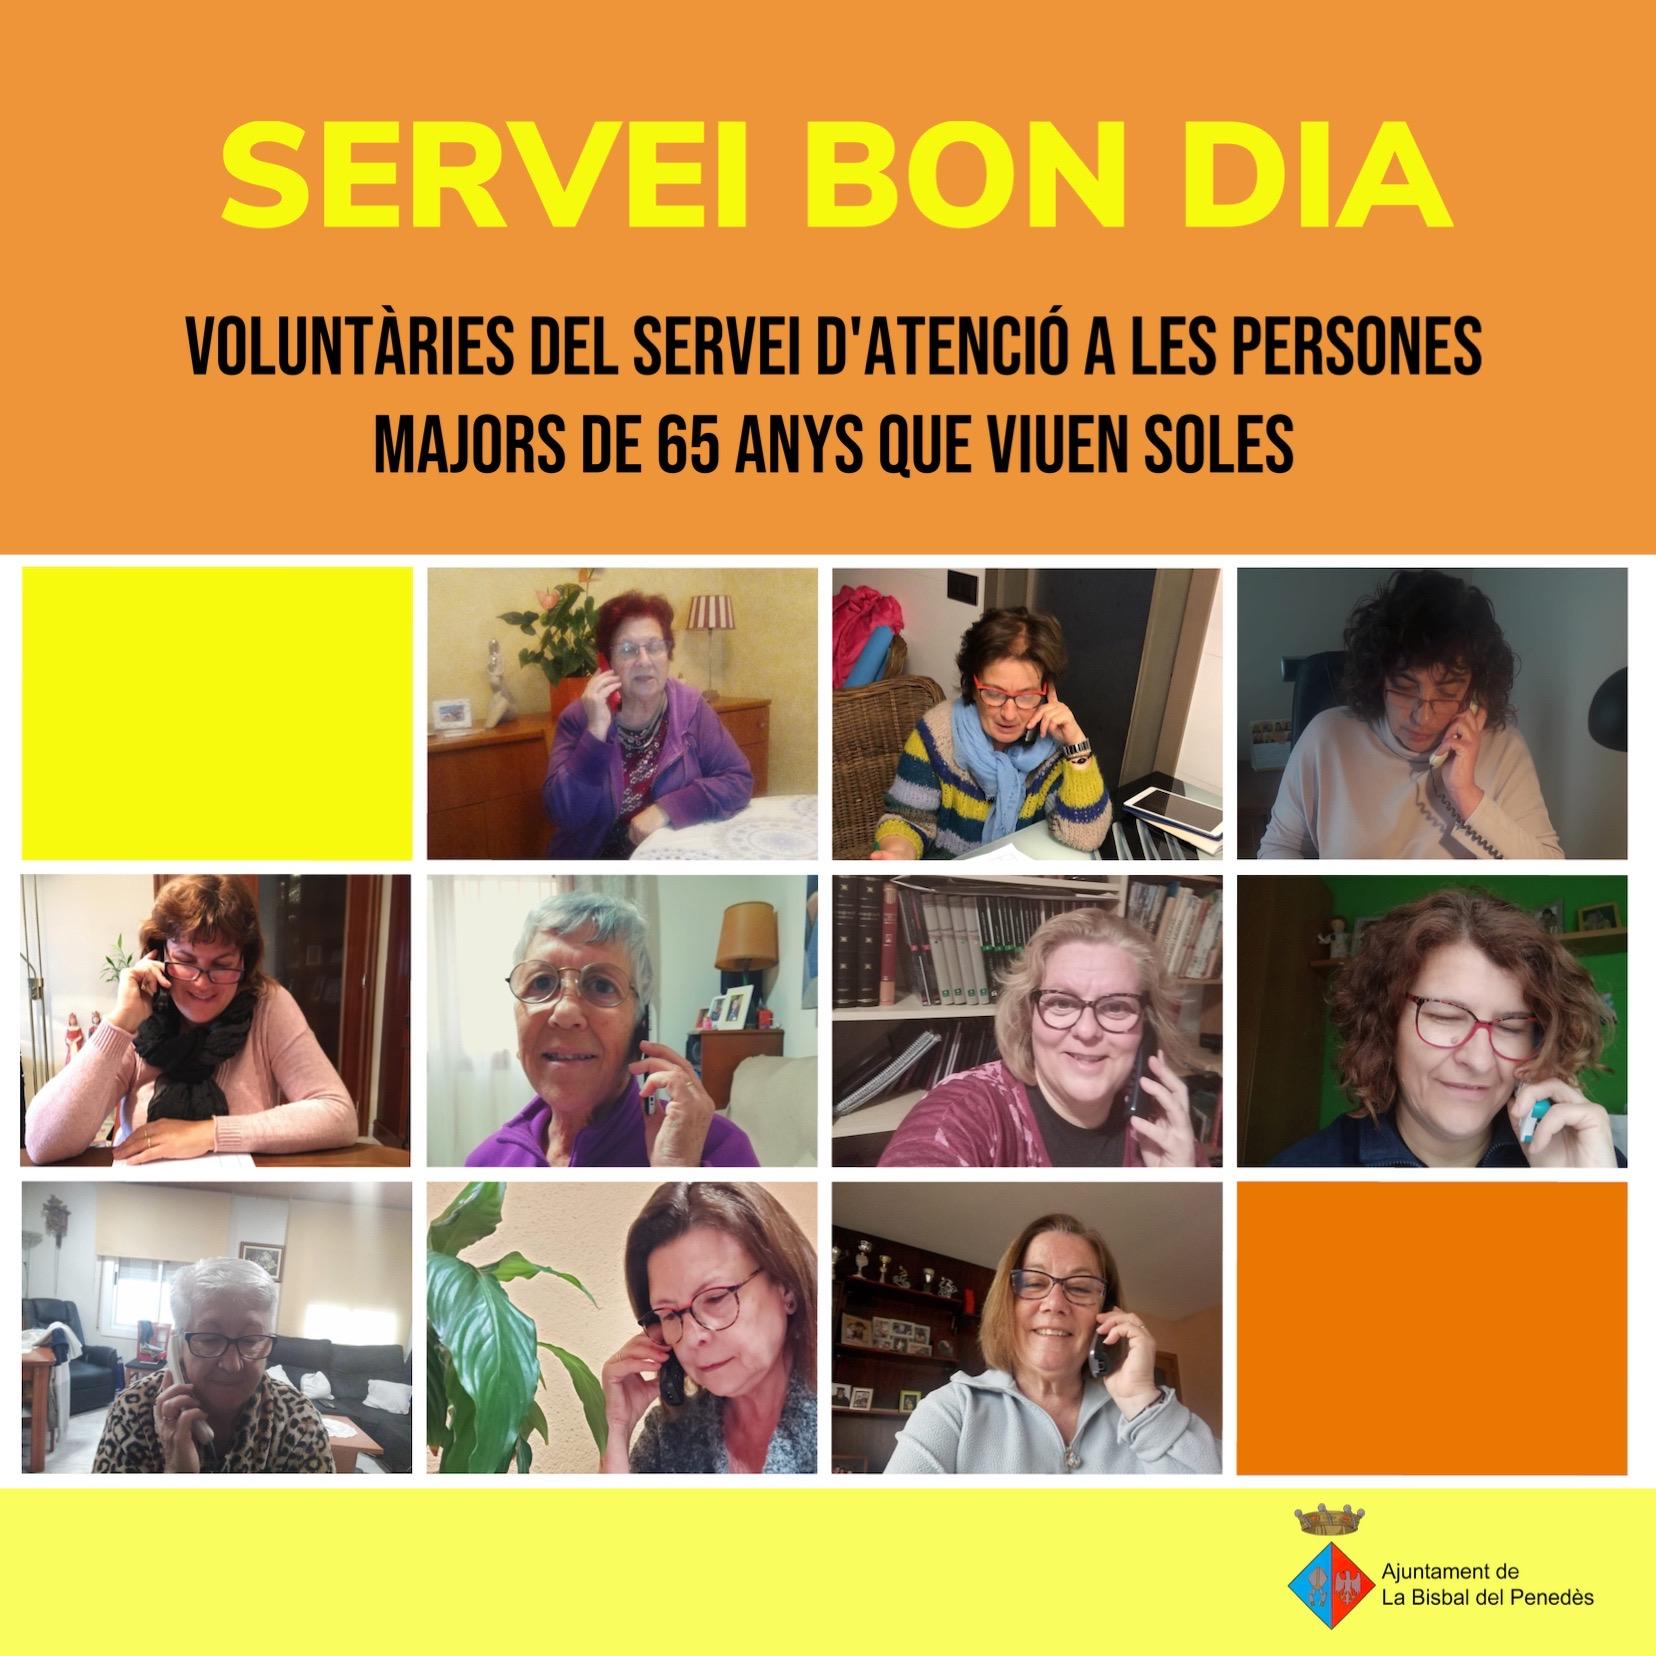 Les voluntàries del Servei Bon Dia continuen realitzant trucades des de casa seva